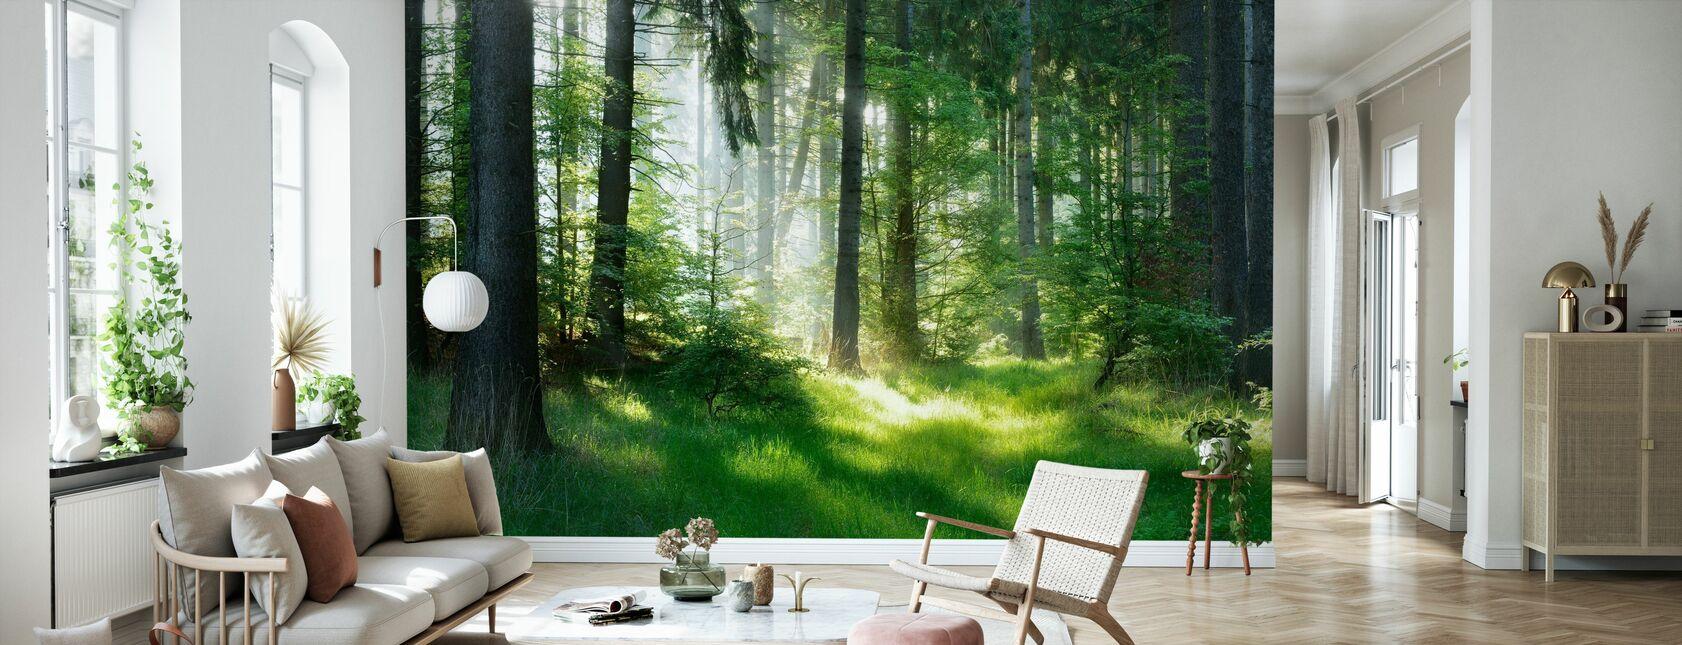 Granskog - Tapet - Vardagsrum